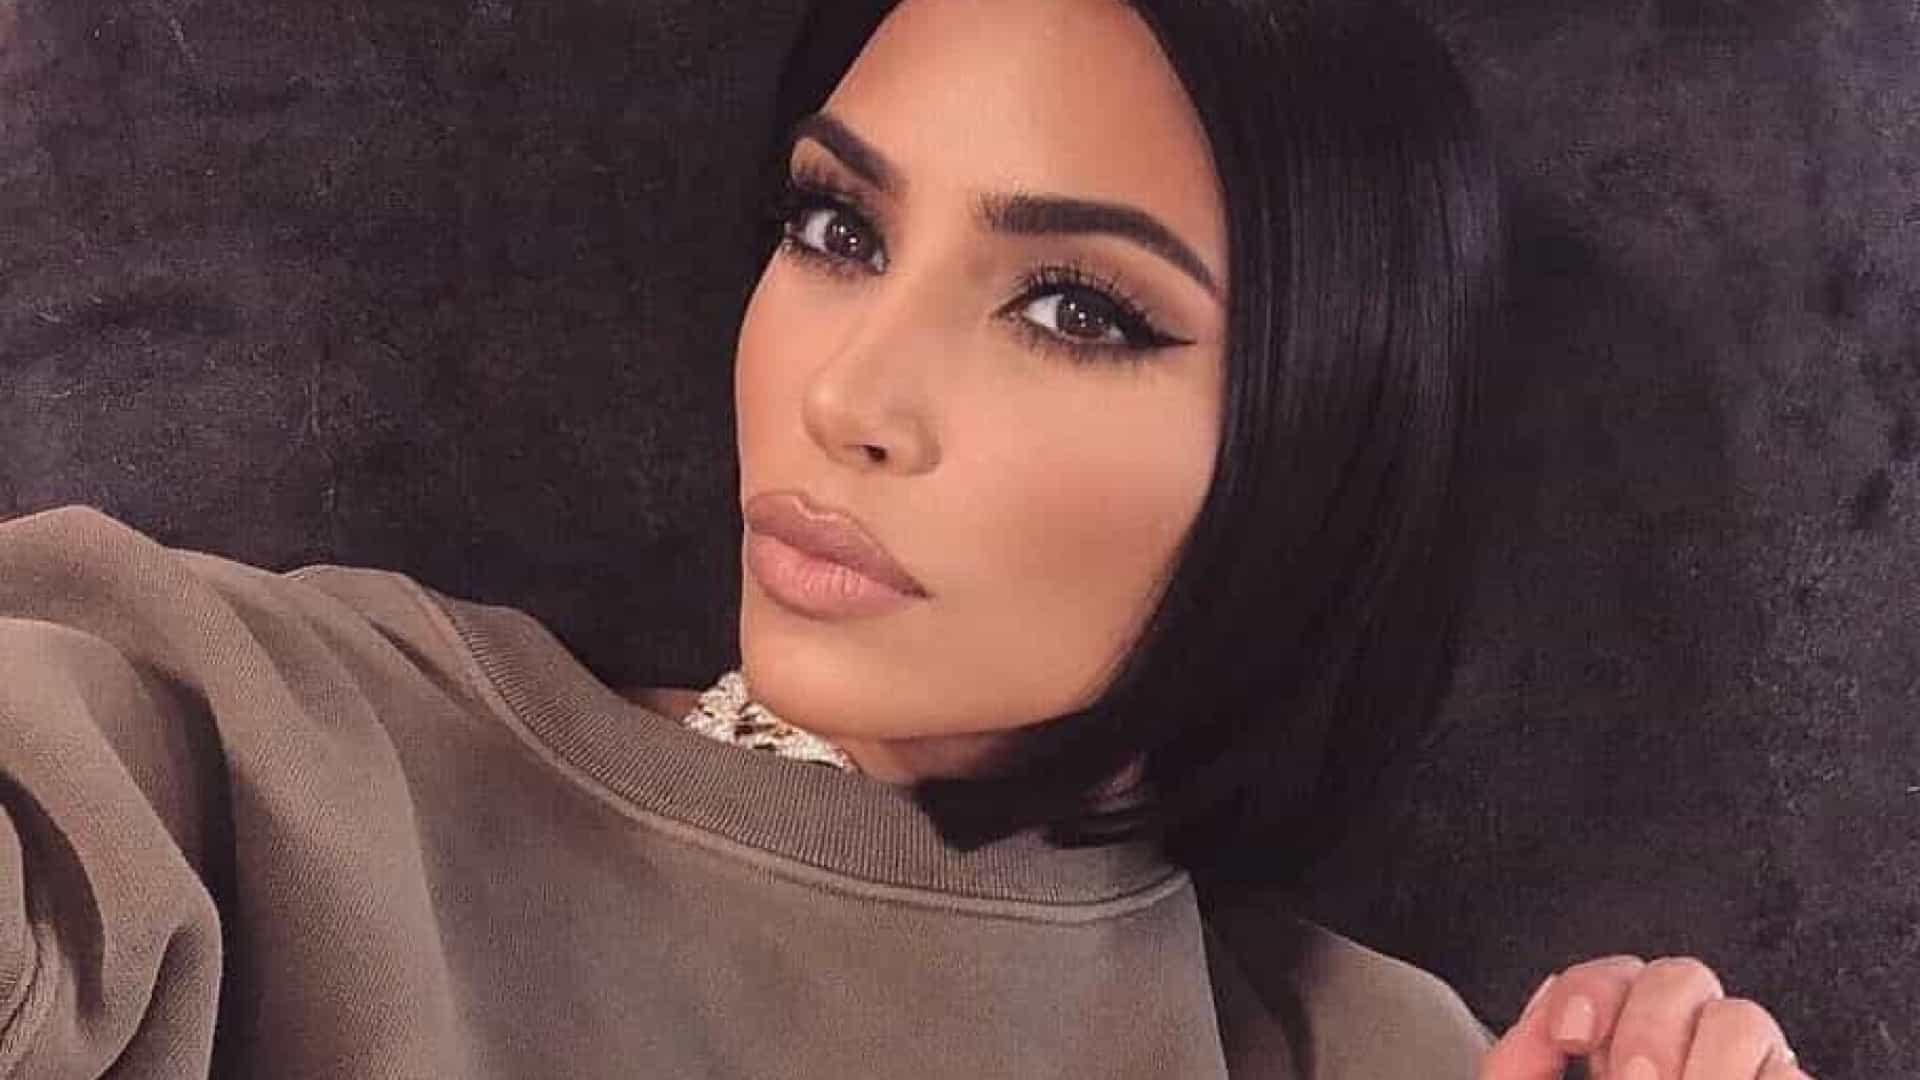 Kim Kardashian crítica os paparazzis que tentam fotografar as roupas intimas dela (Foto: Reprodução)